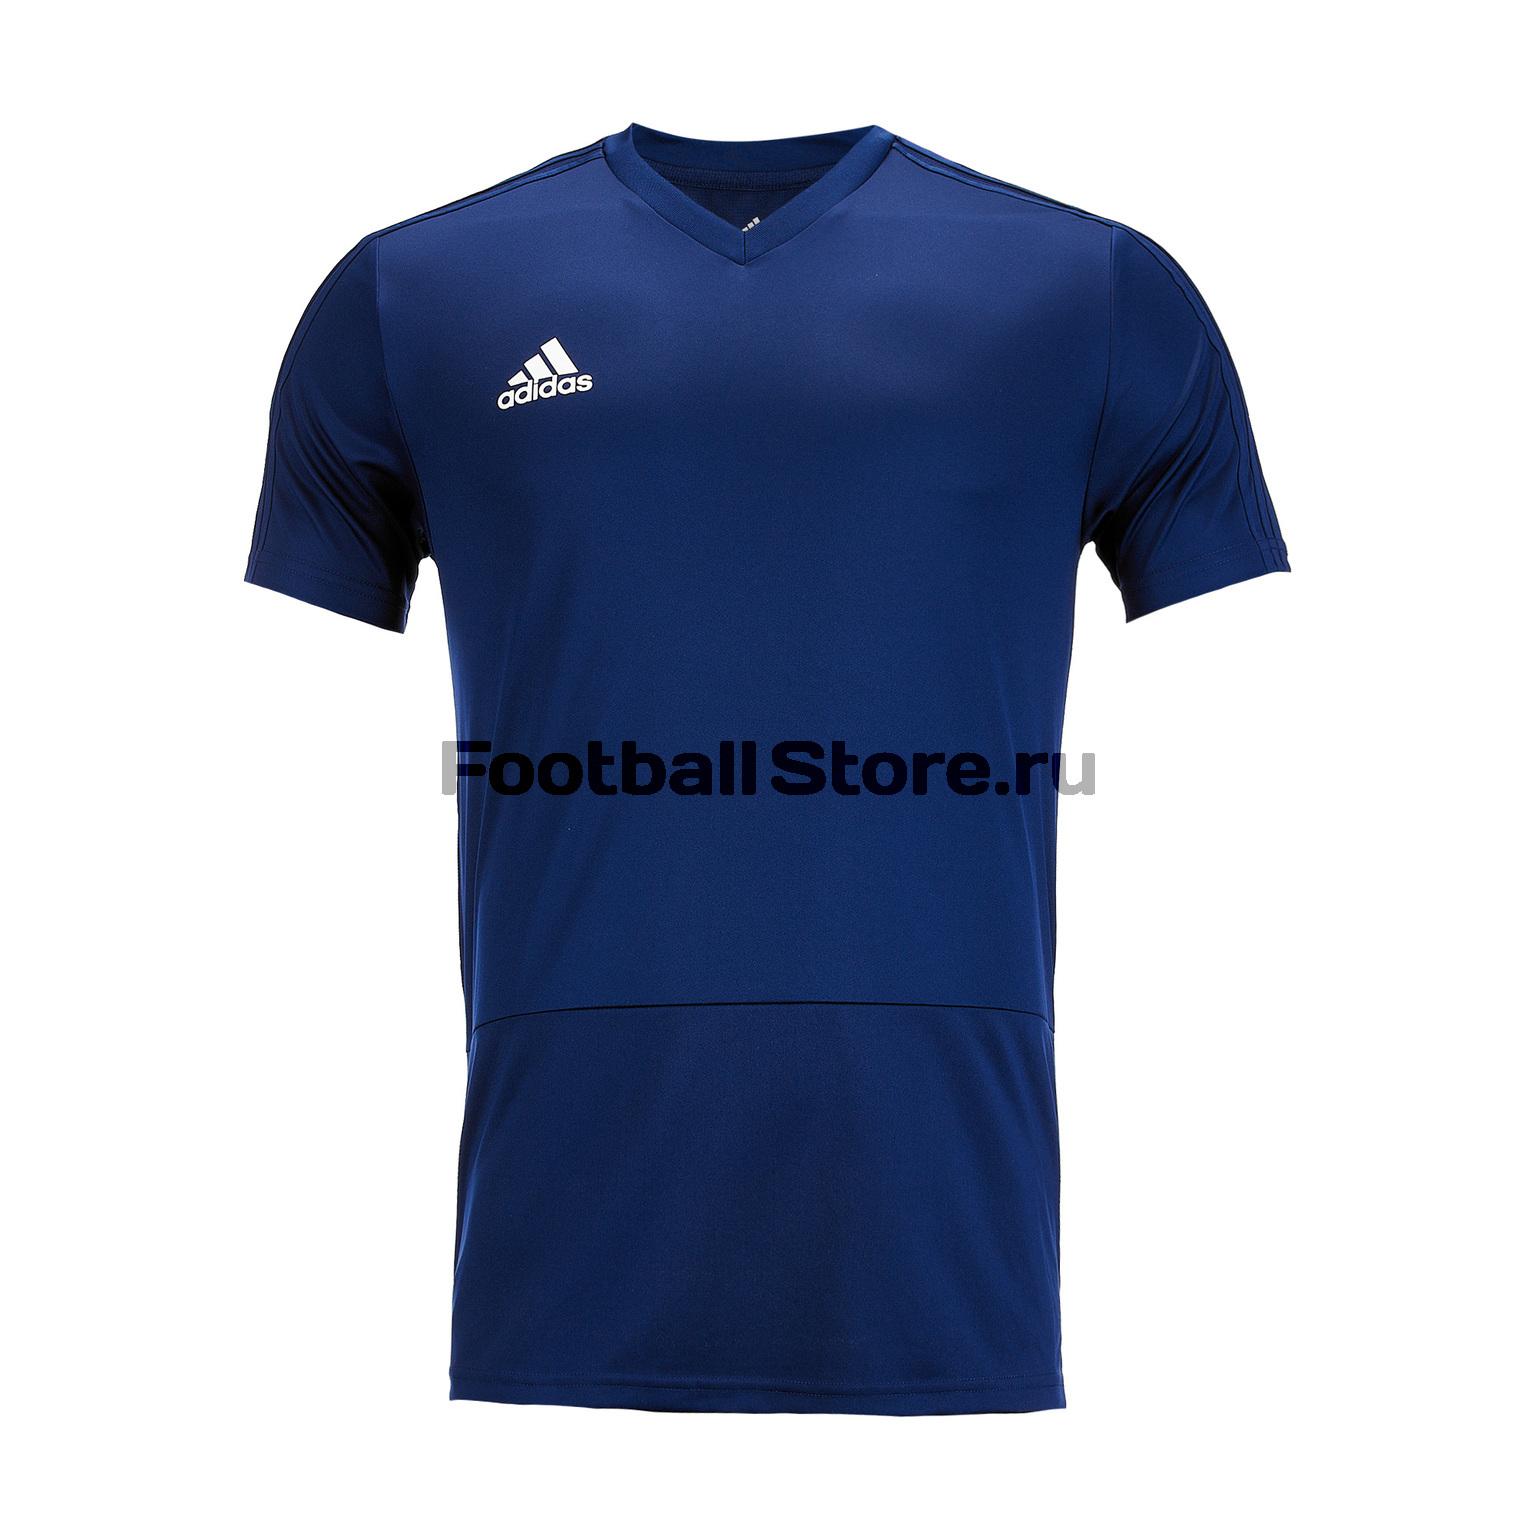 цена Футболка тренировочная Adidas Con18 CV8233 онлайн в 2017 году